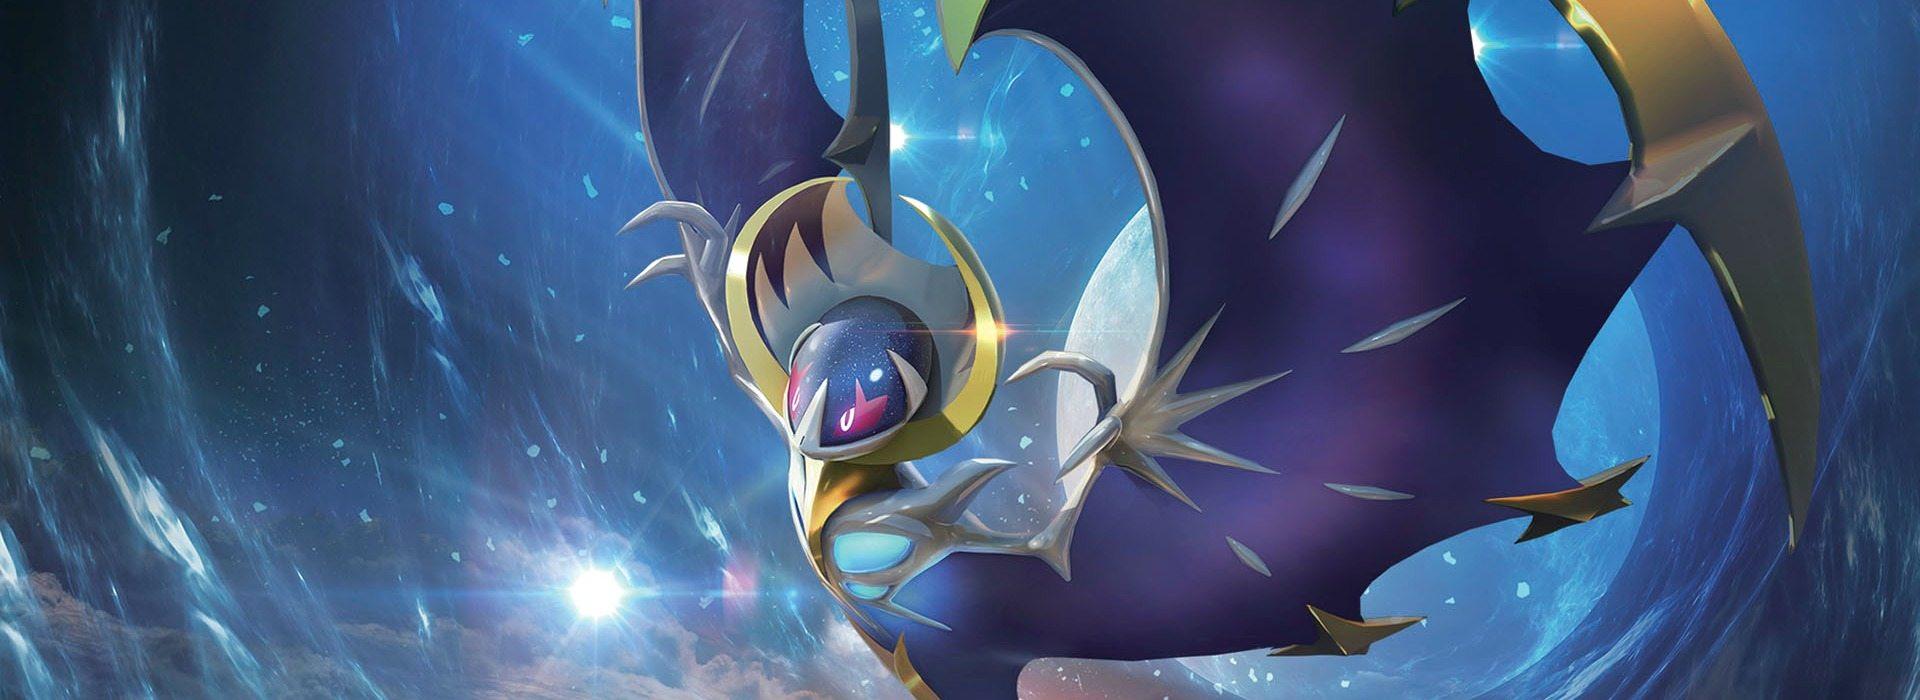 lunala-pokemon-sun-moon-banner